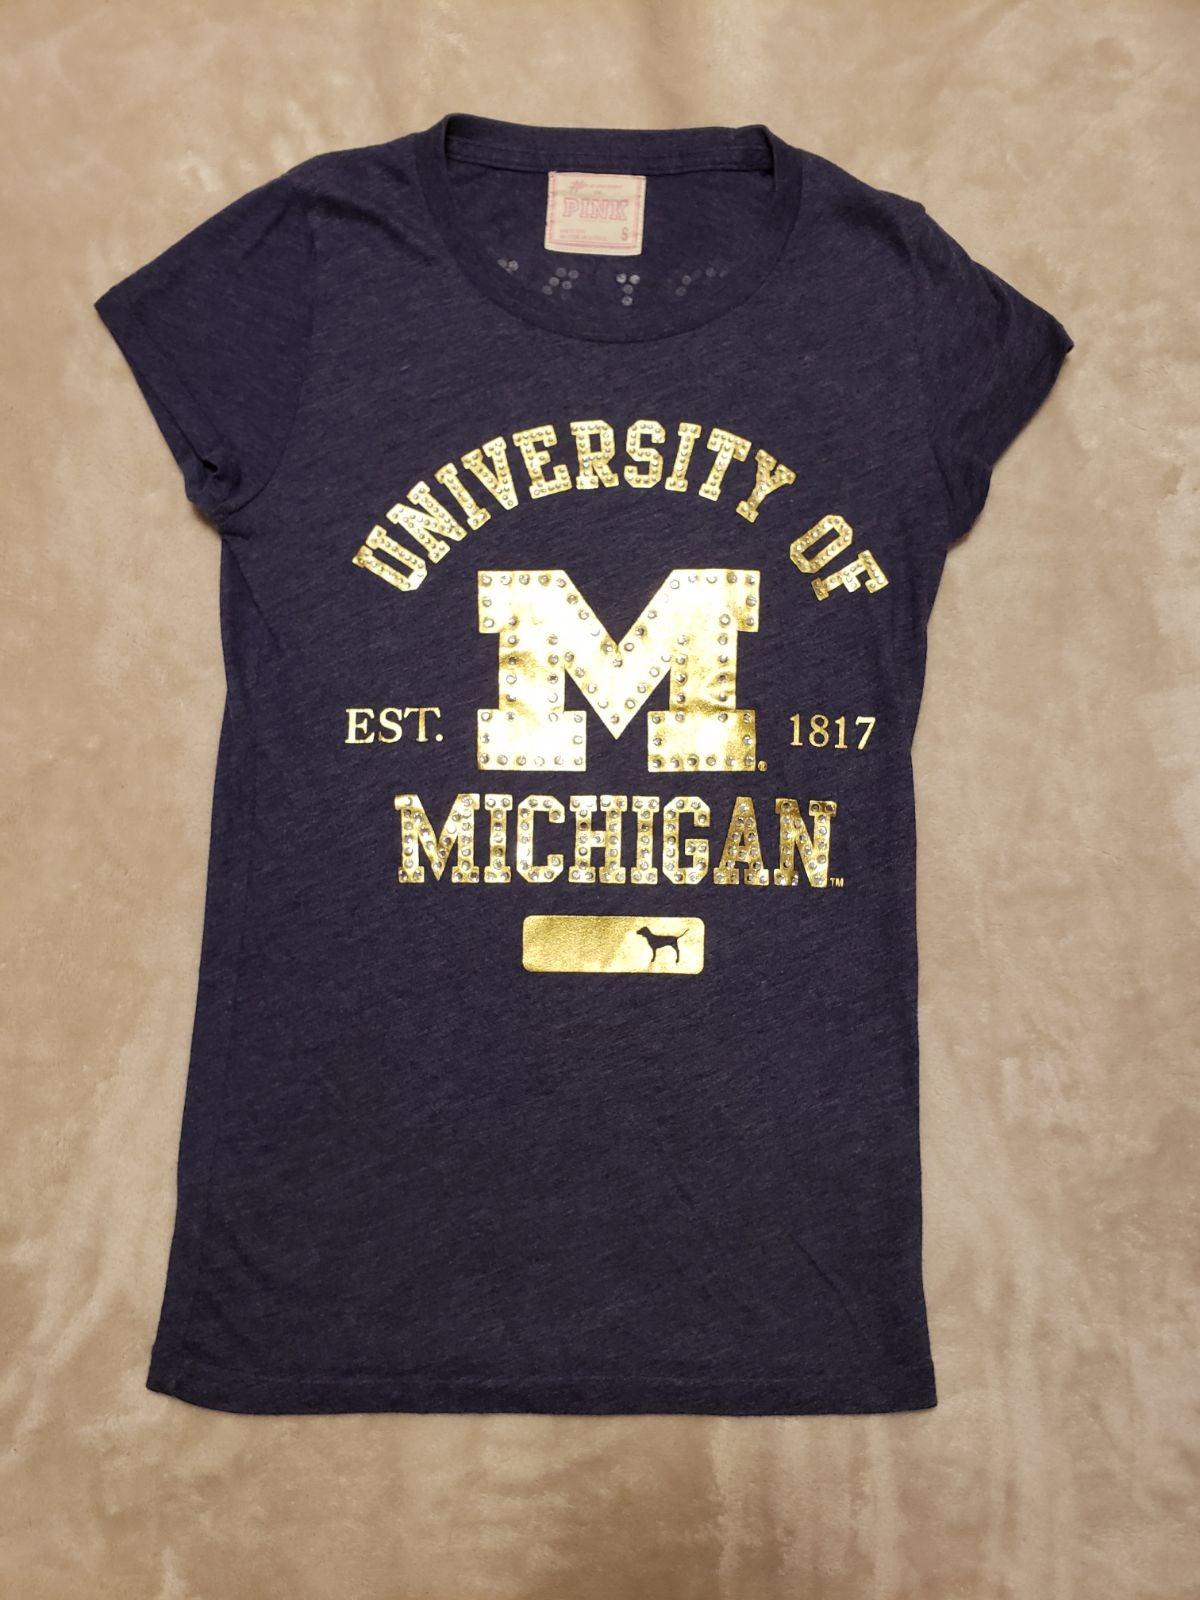 PINK University of Michigan T-shirt